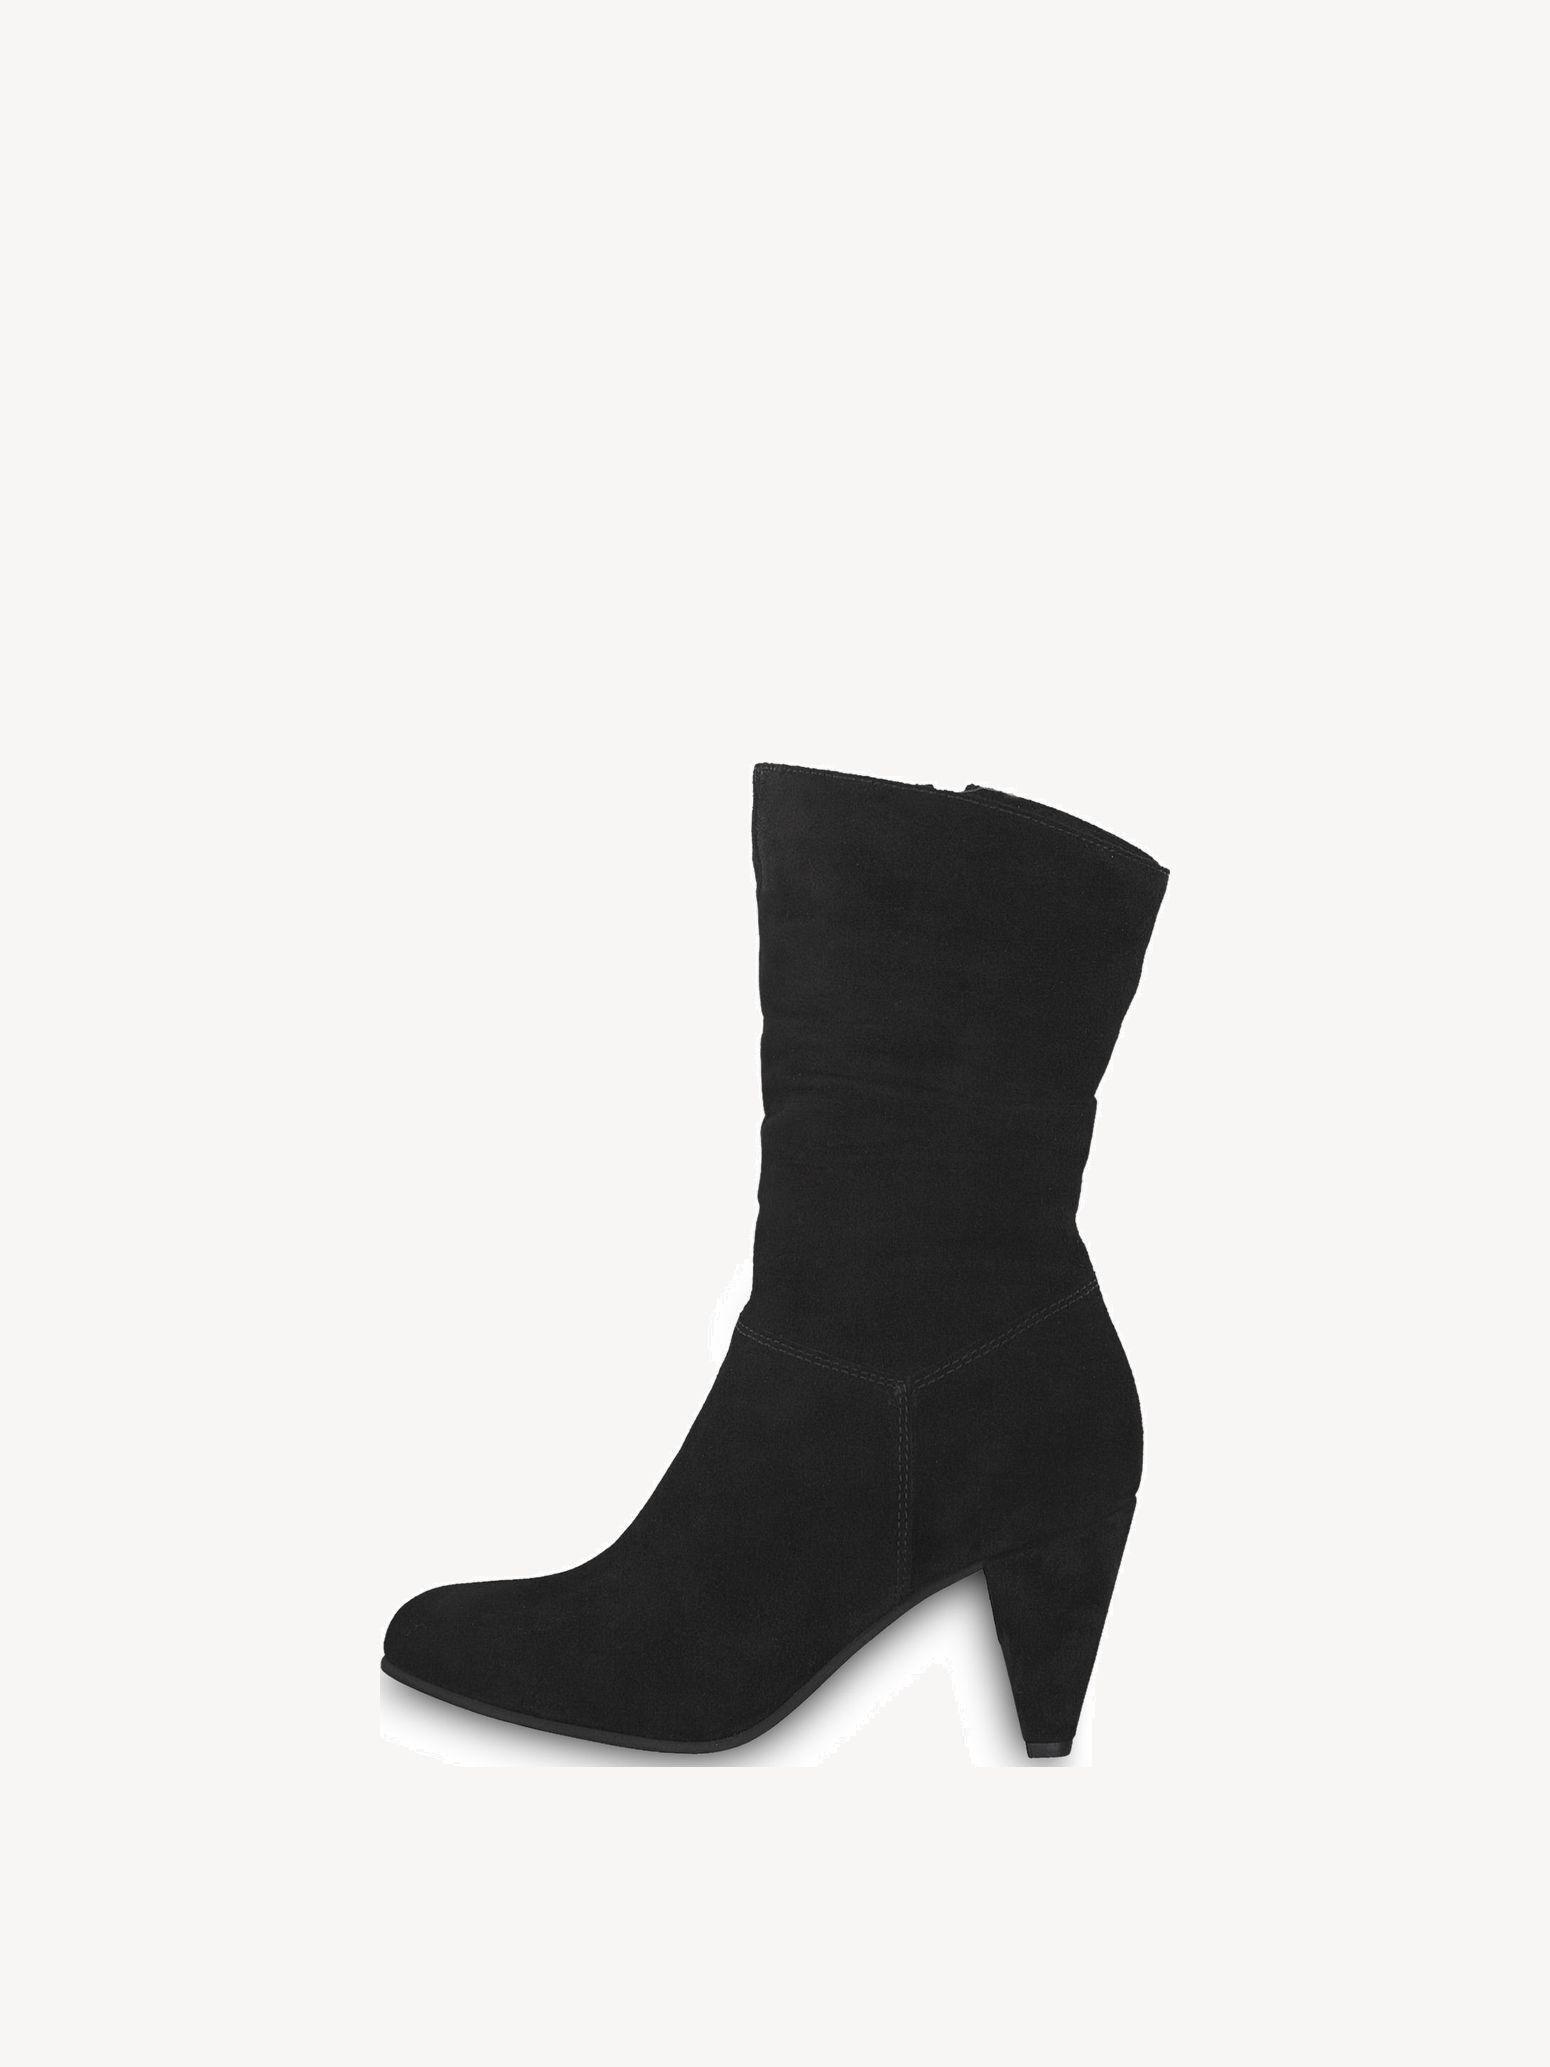 Kaufen Sale Schmuck Reduziert Taschen Schuhe Tamaris Und TwU4Fqq